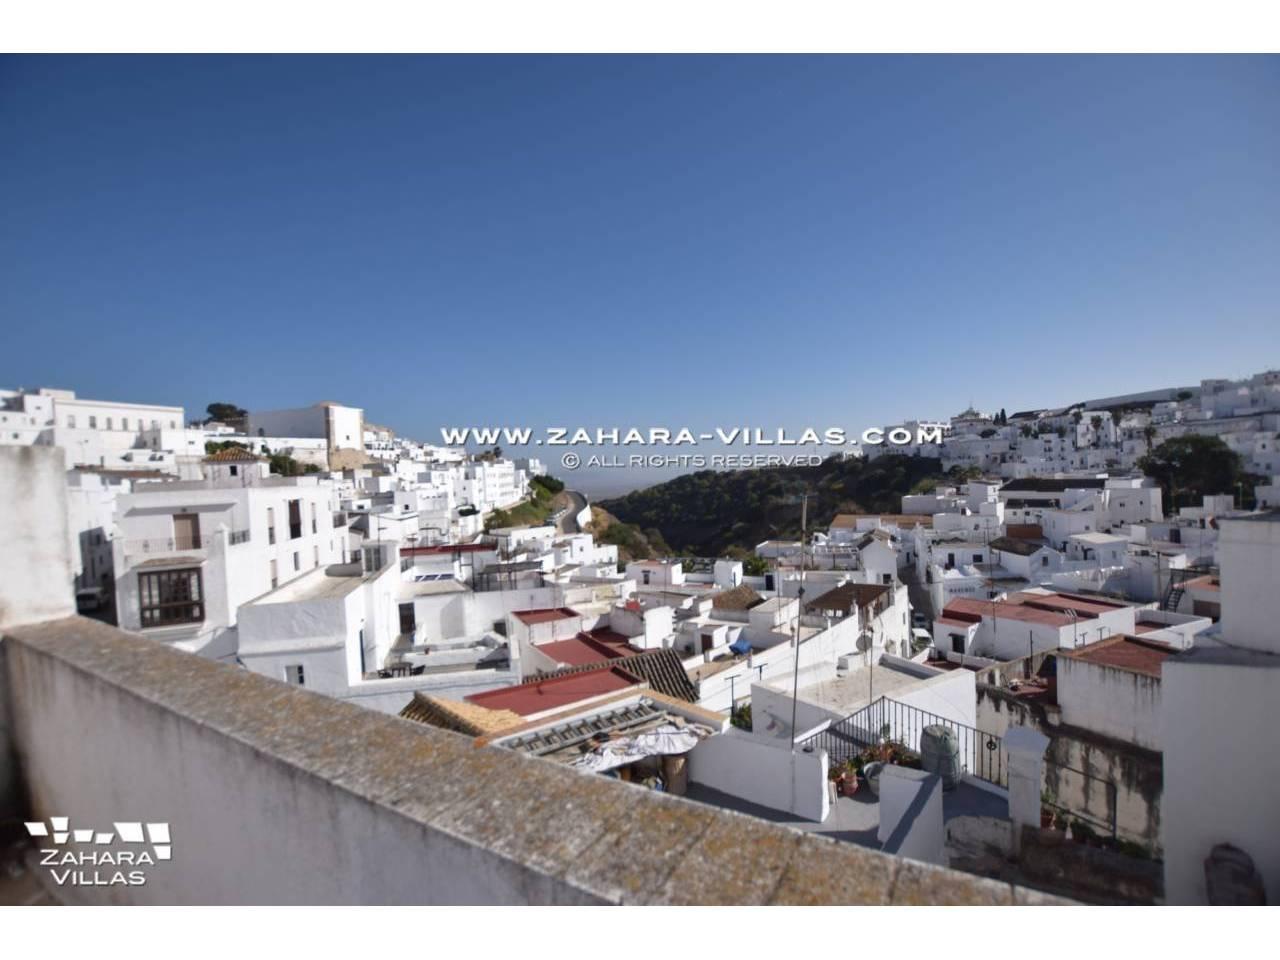 Imagen REF.000664 ubicada en Vejer de la Frontera